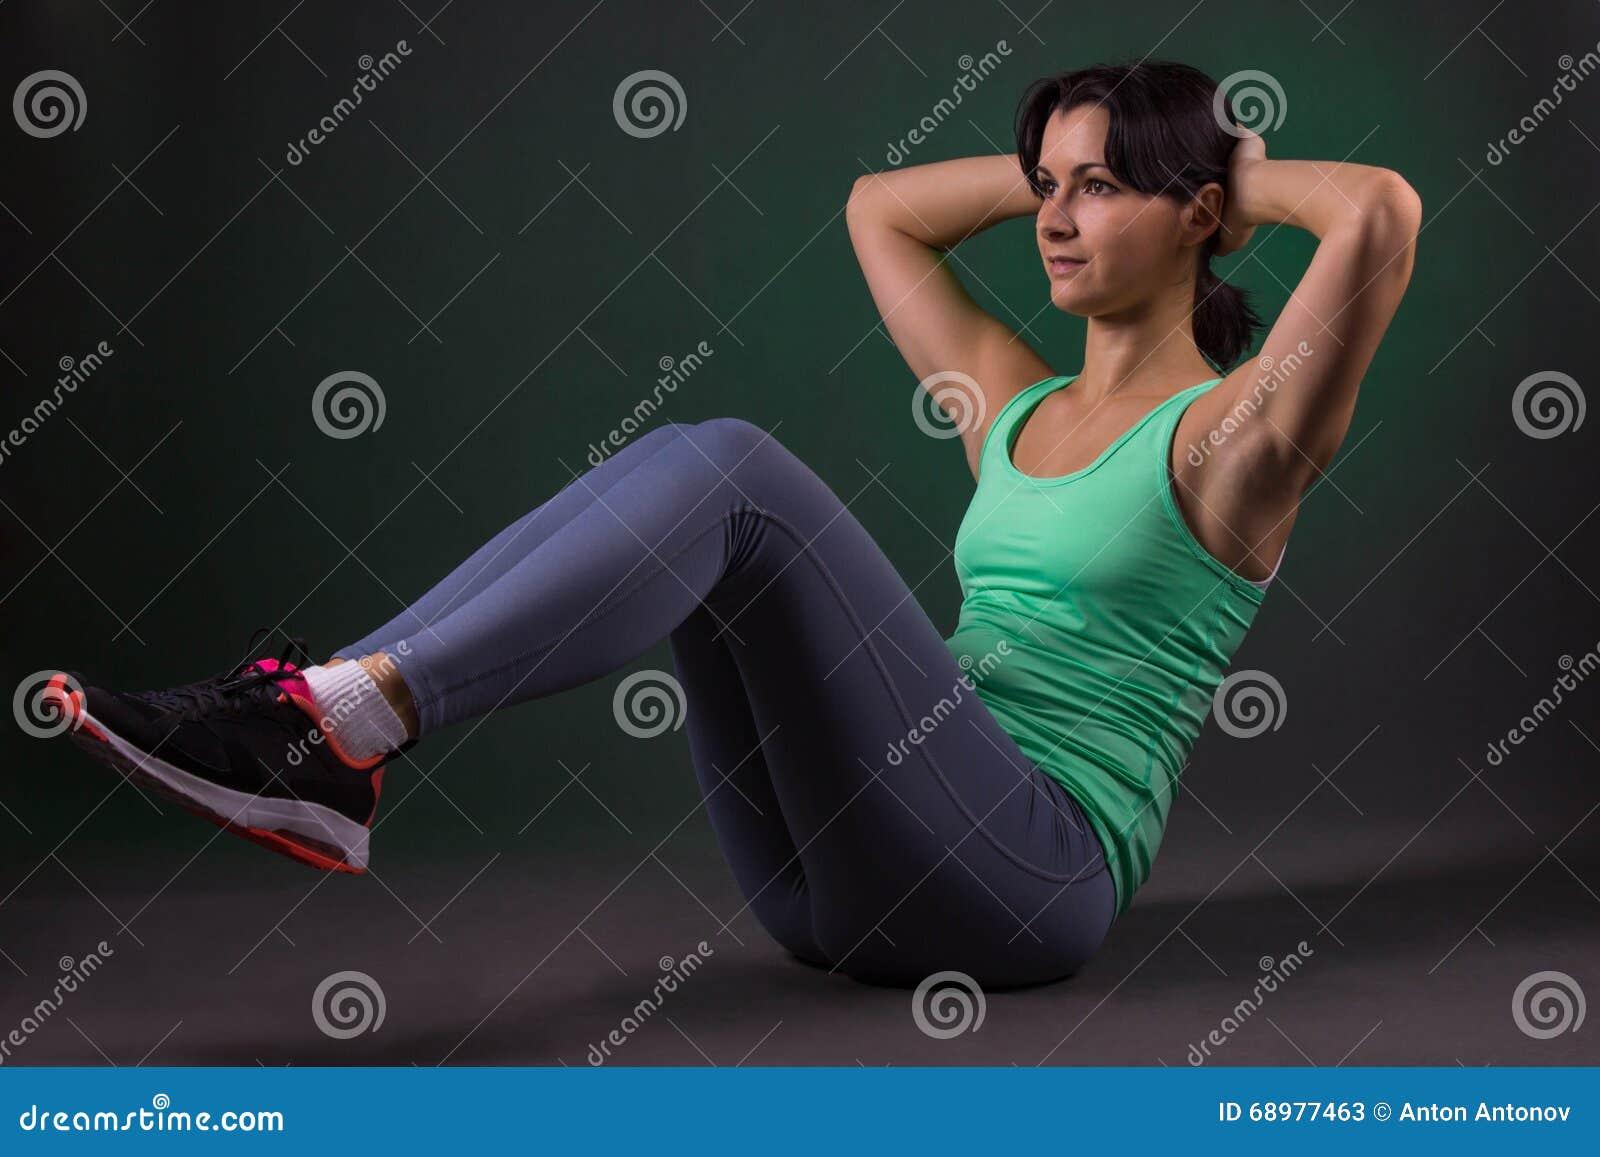 Schöne sportliche Frau, Eignungsfrau, die Übung auf einem dunklen Hintergrund mit grüner Hintergrundbeleuchtung tut